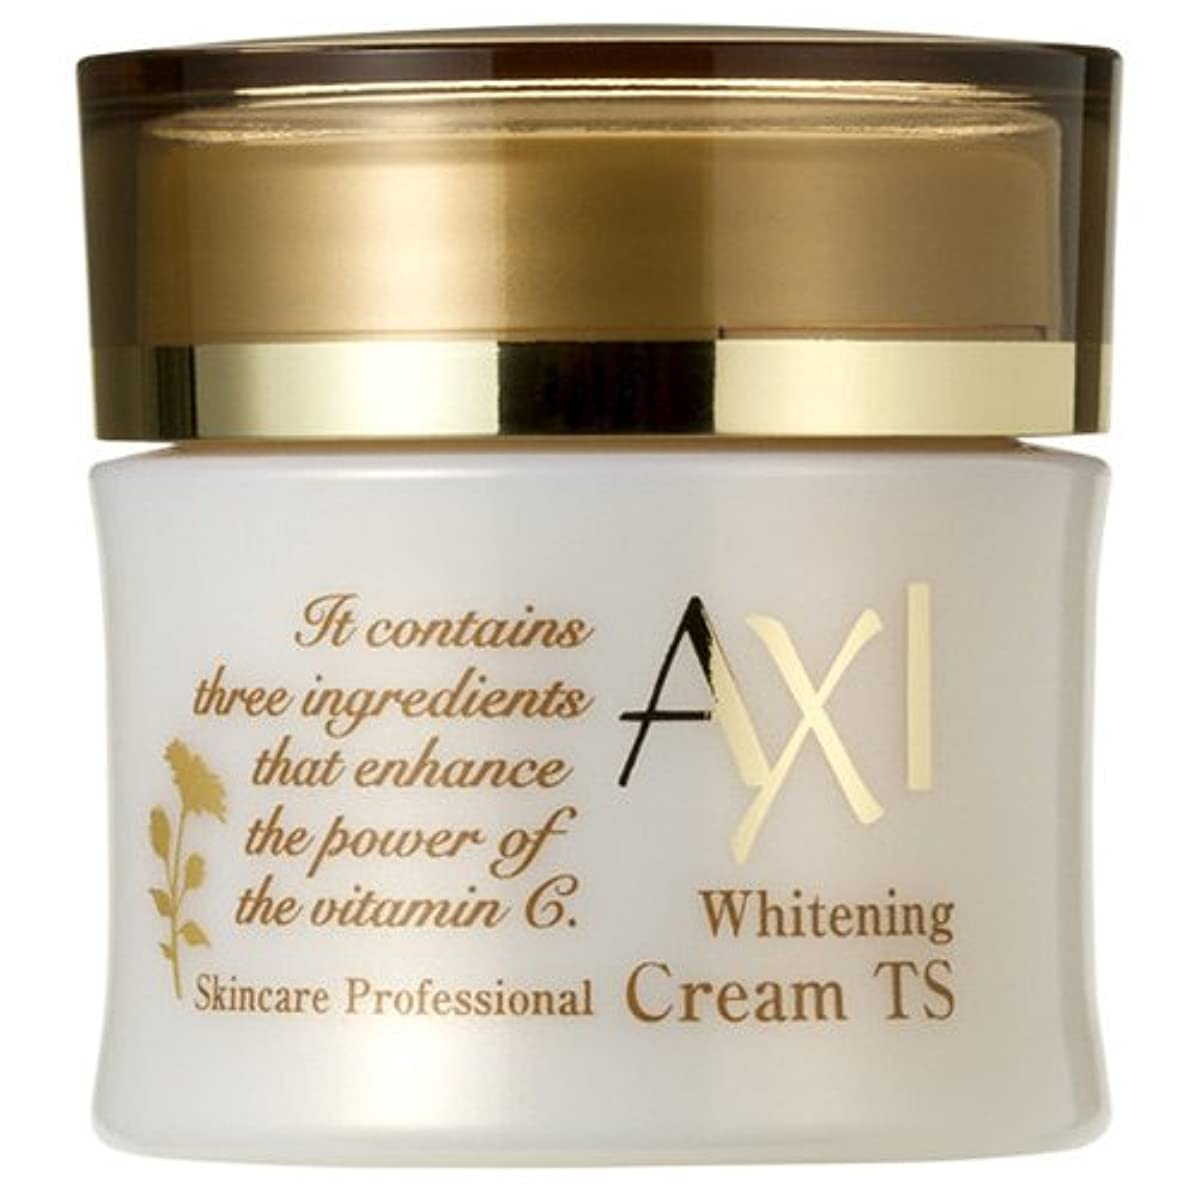 流行している献身刃クオレ AXI ホワイトニング クリーム TS 35g 医薬部外品